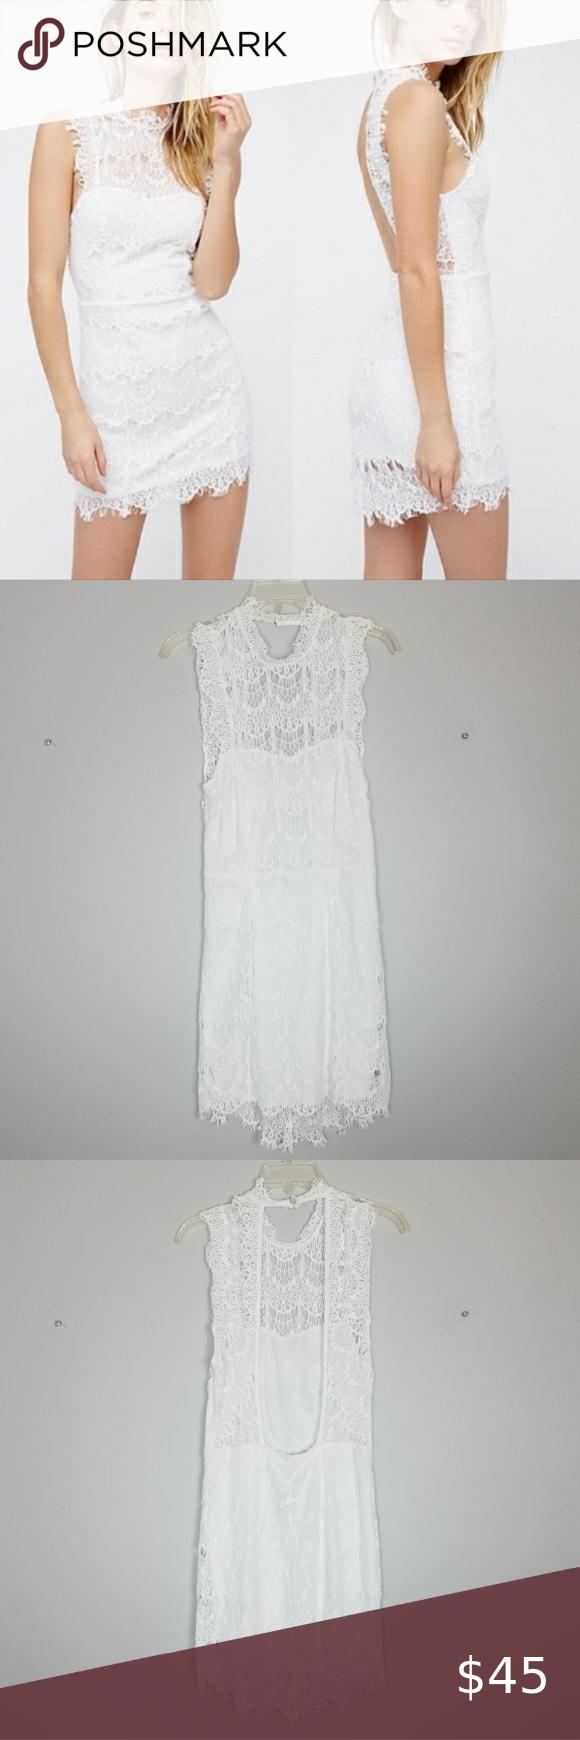 Free People Intimately Daydream White Lace Dress Free People Intimately Daydream White Lace Dress Nwt Size M Lace Dress Lace White Dress Burgundy Mini Dress [ 1740 x 580 Pixel ]